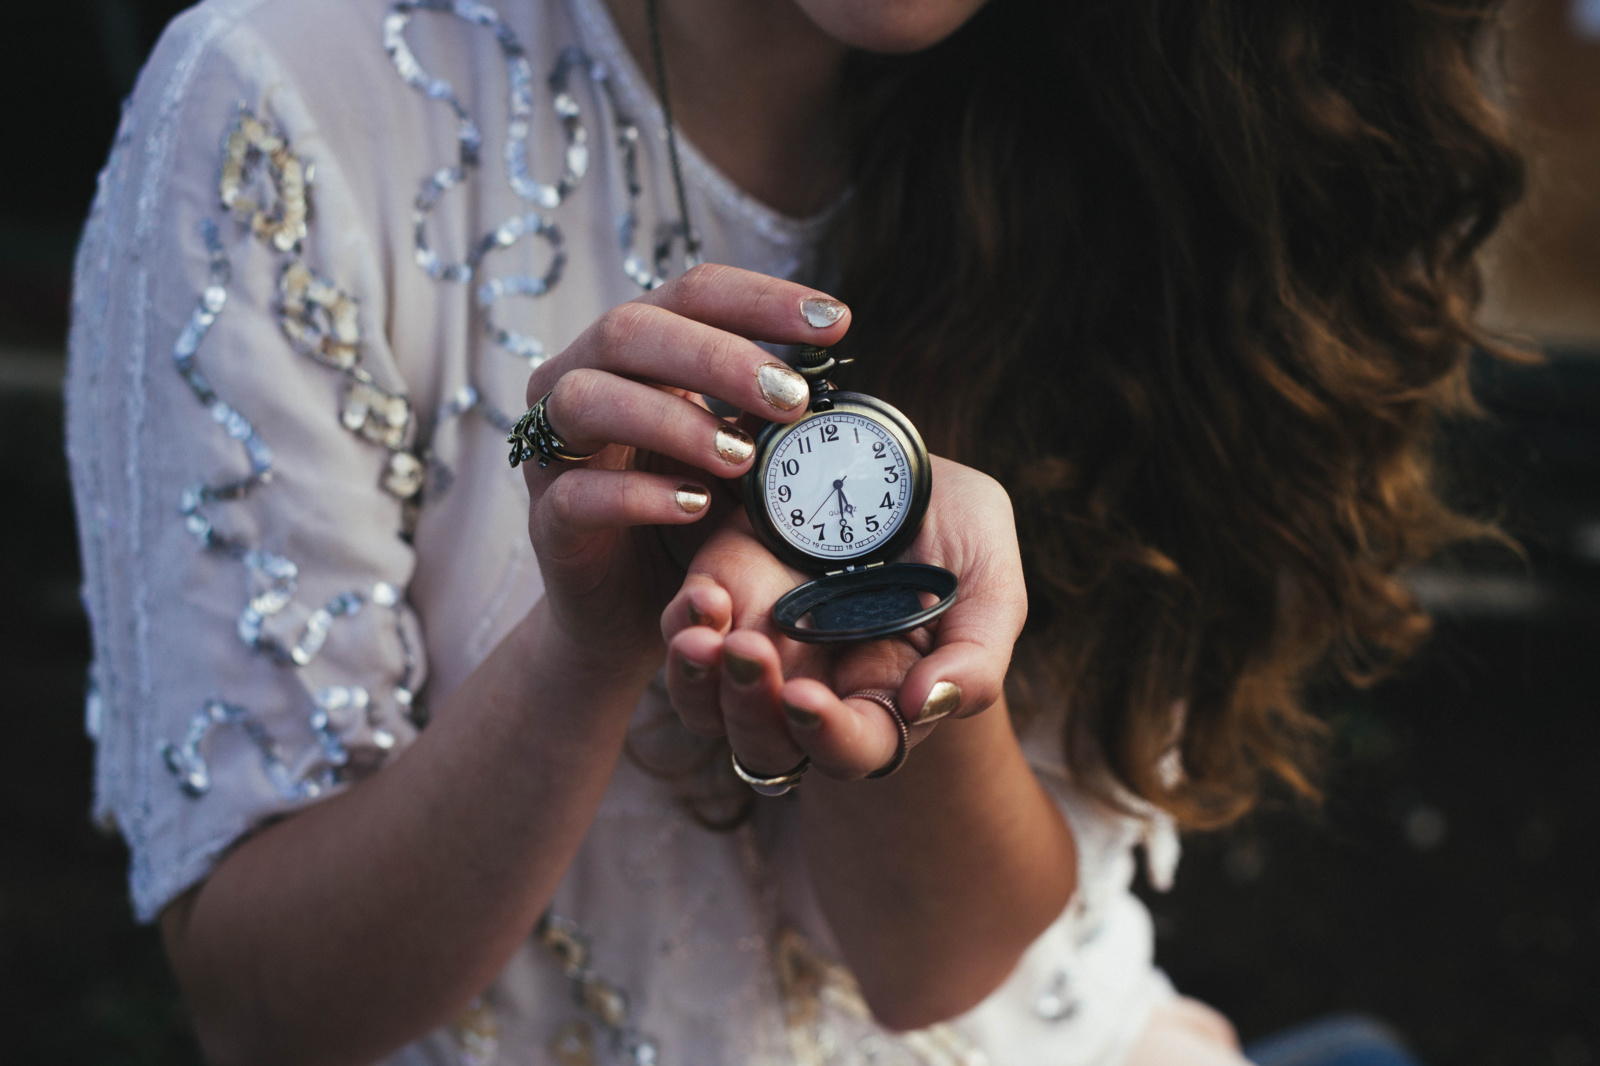 Laikrodžiai persukinėjami nebebus